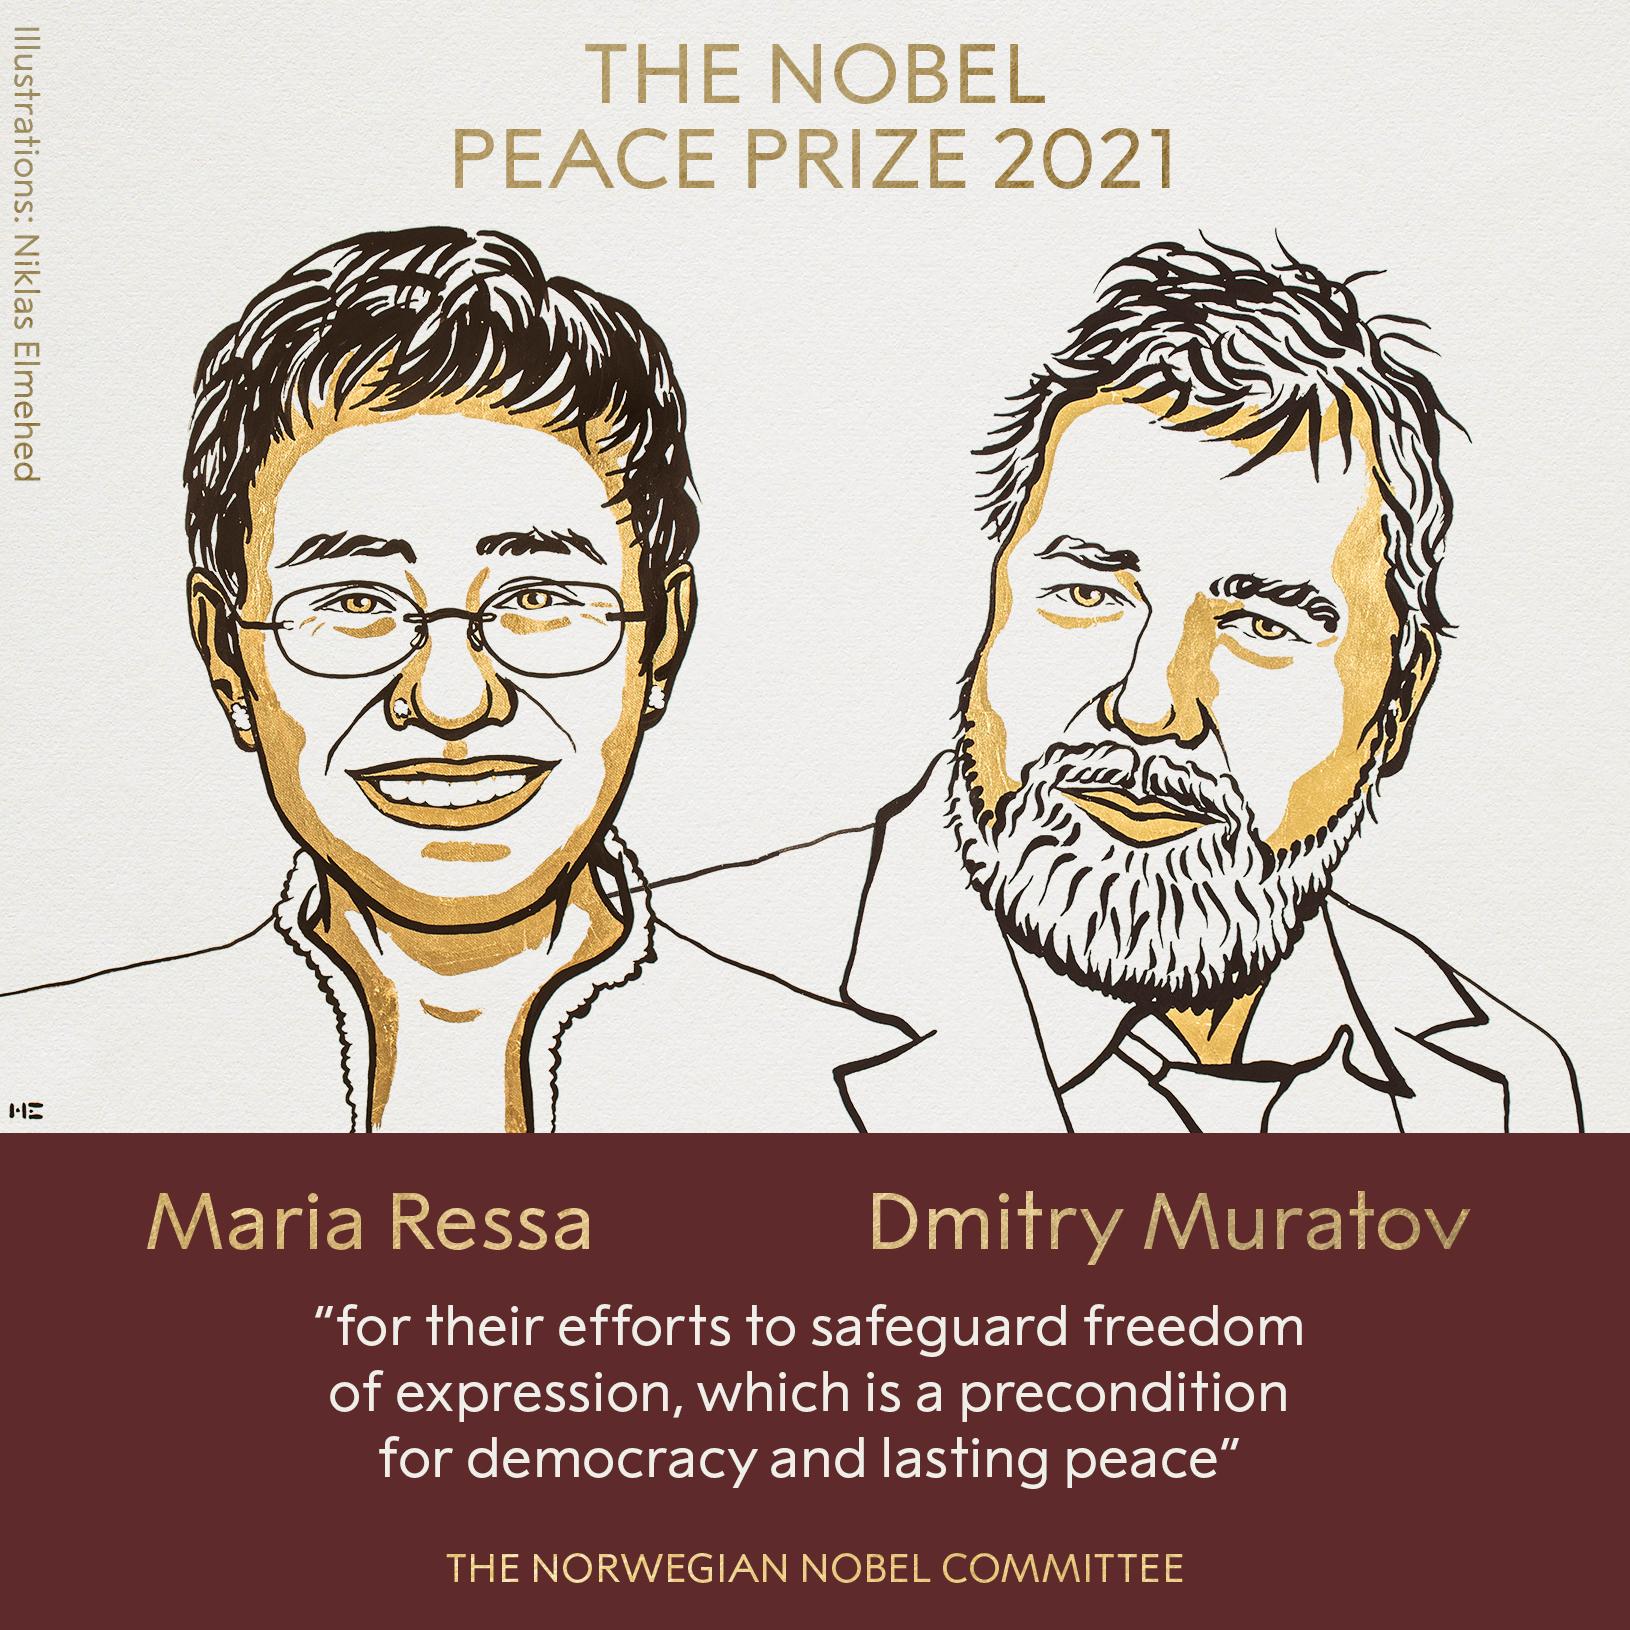 Στους δημοσιογράφους Maria Ressa και Dmitry Muratov το Νόμπελ Ειρήνης 2021